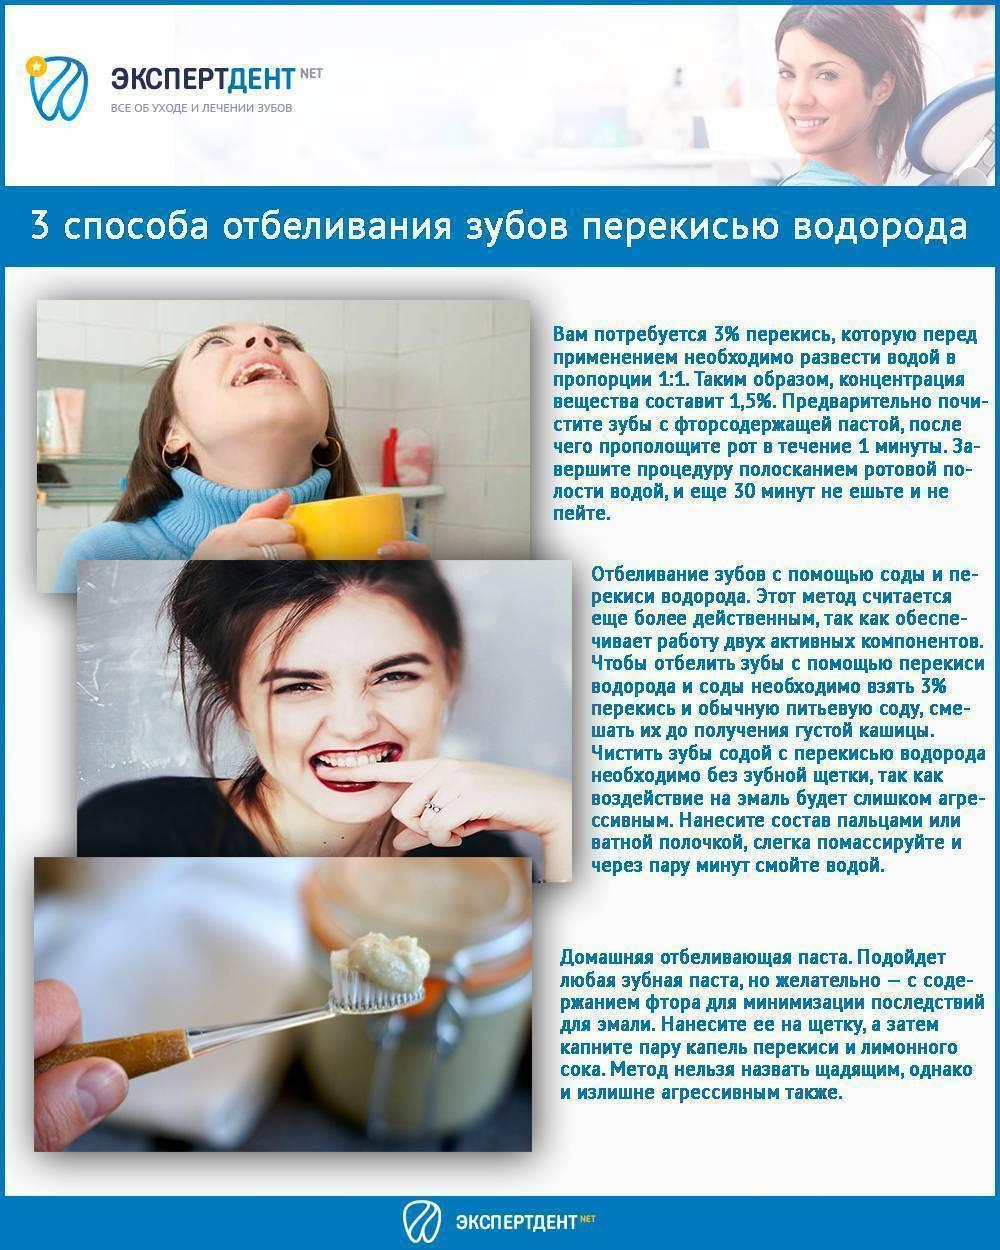 Способы бросить курить с помощью соды - о болезнях